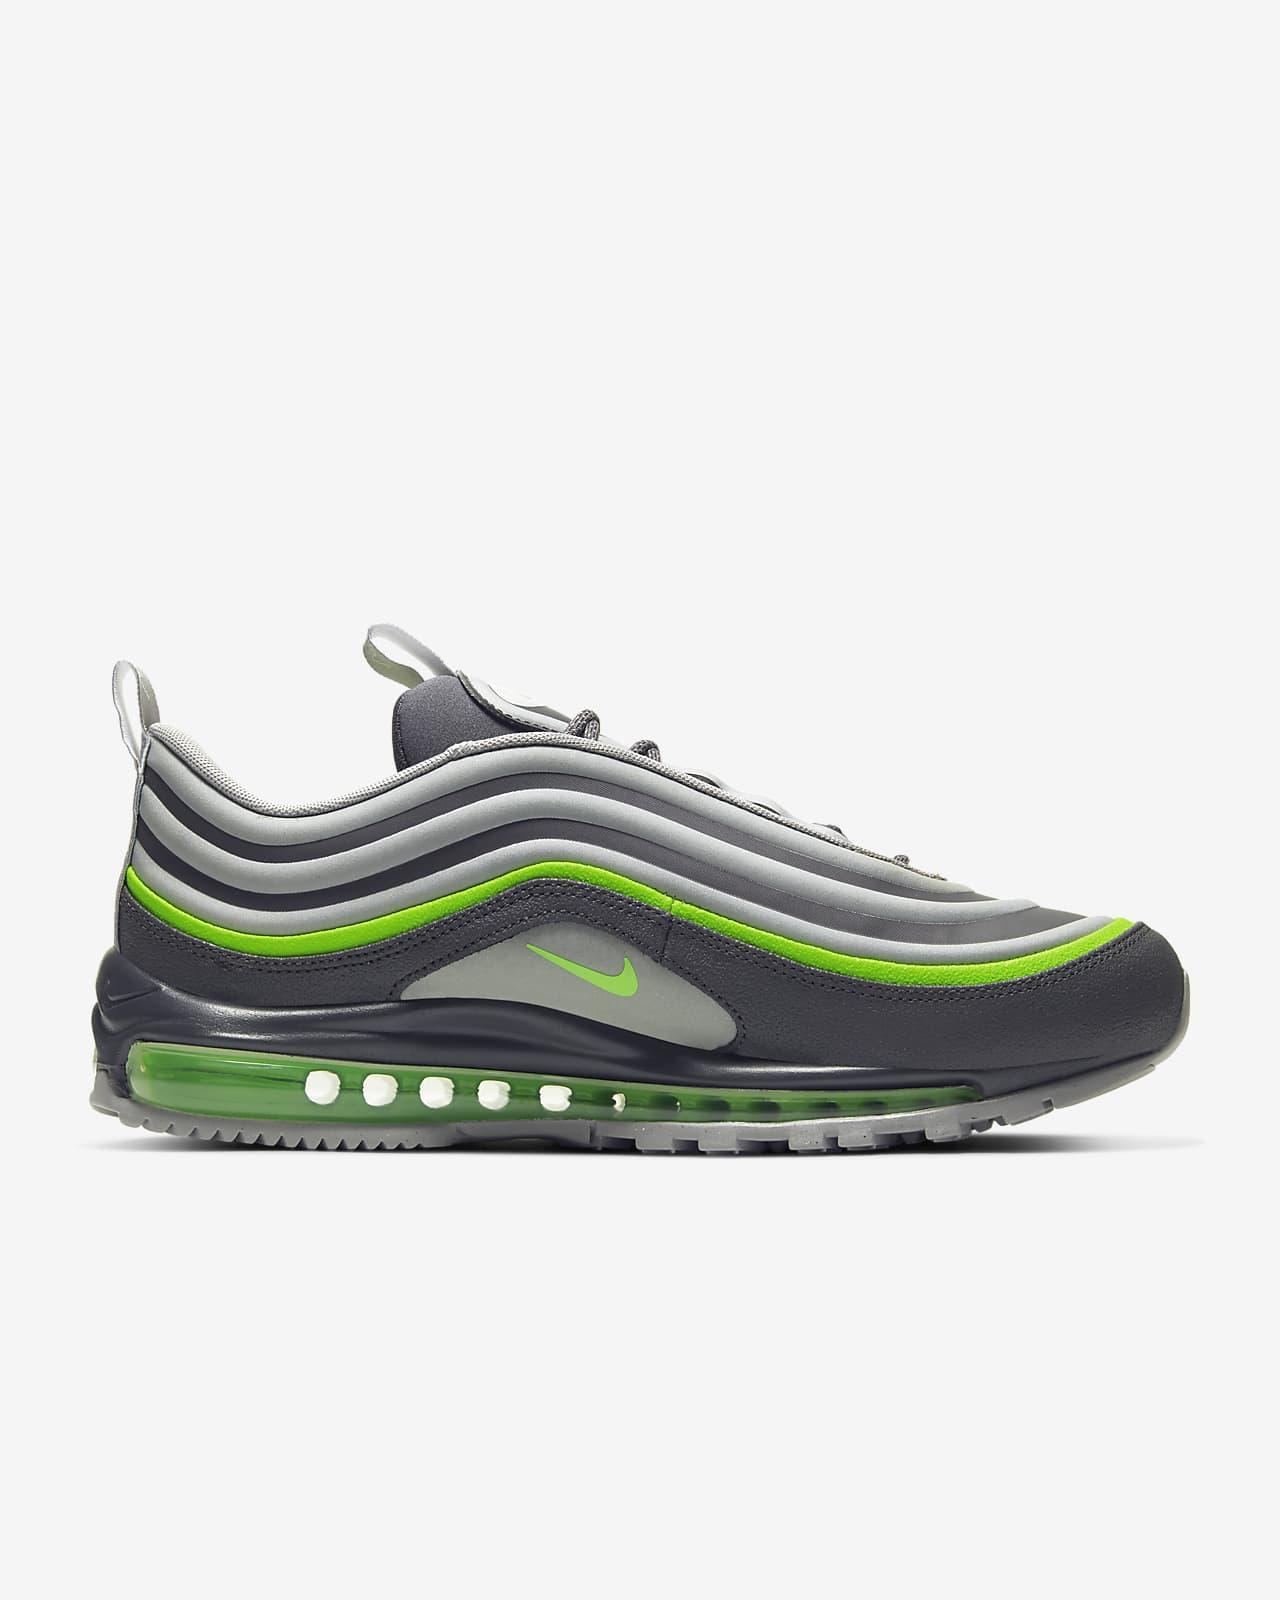 air max 97 black grey green